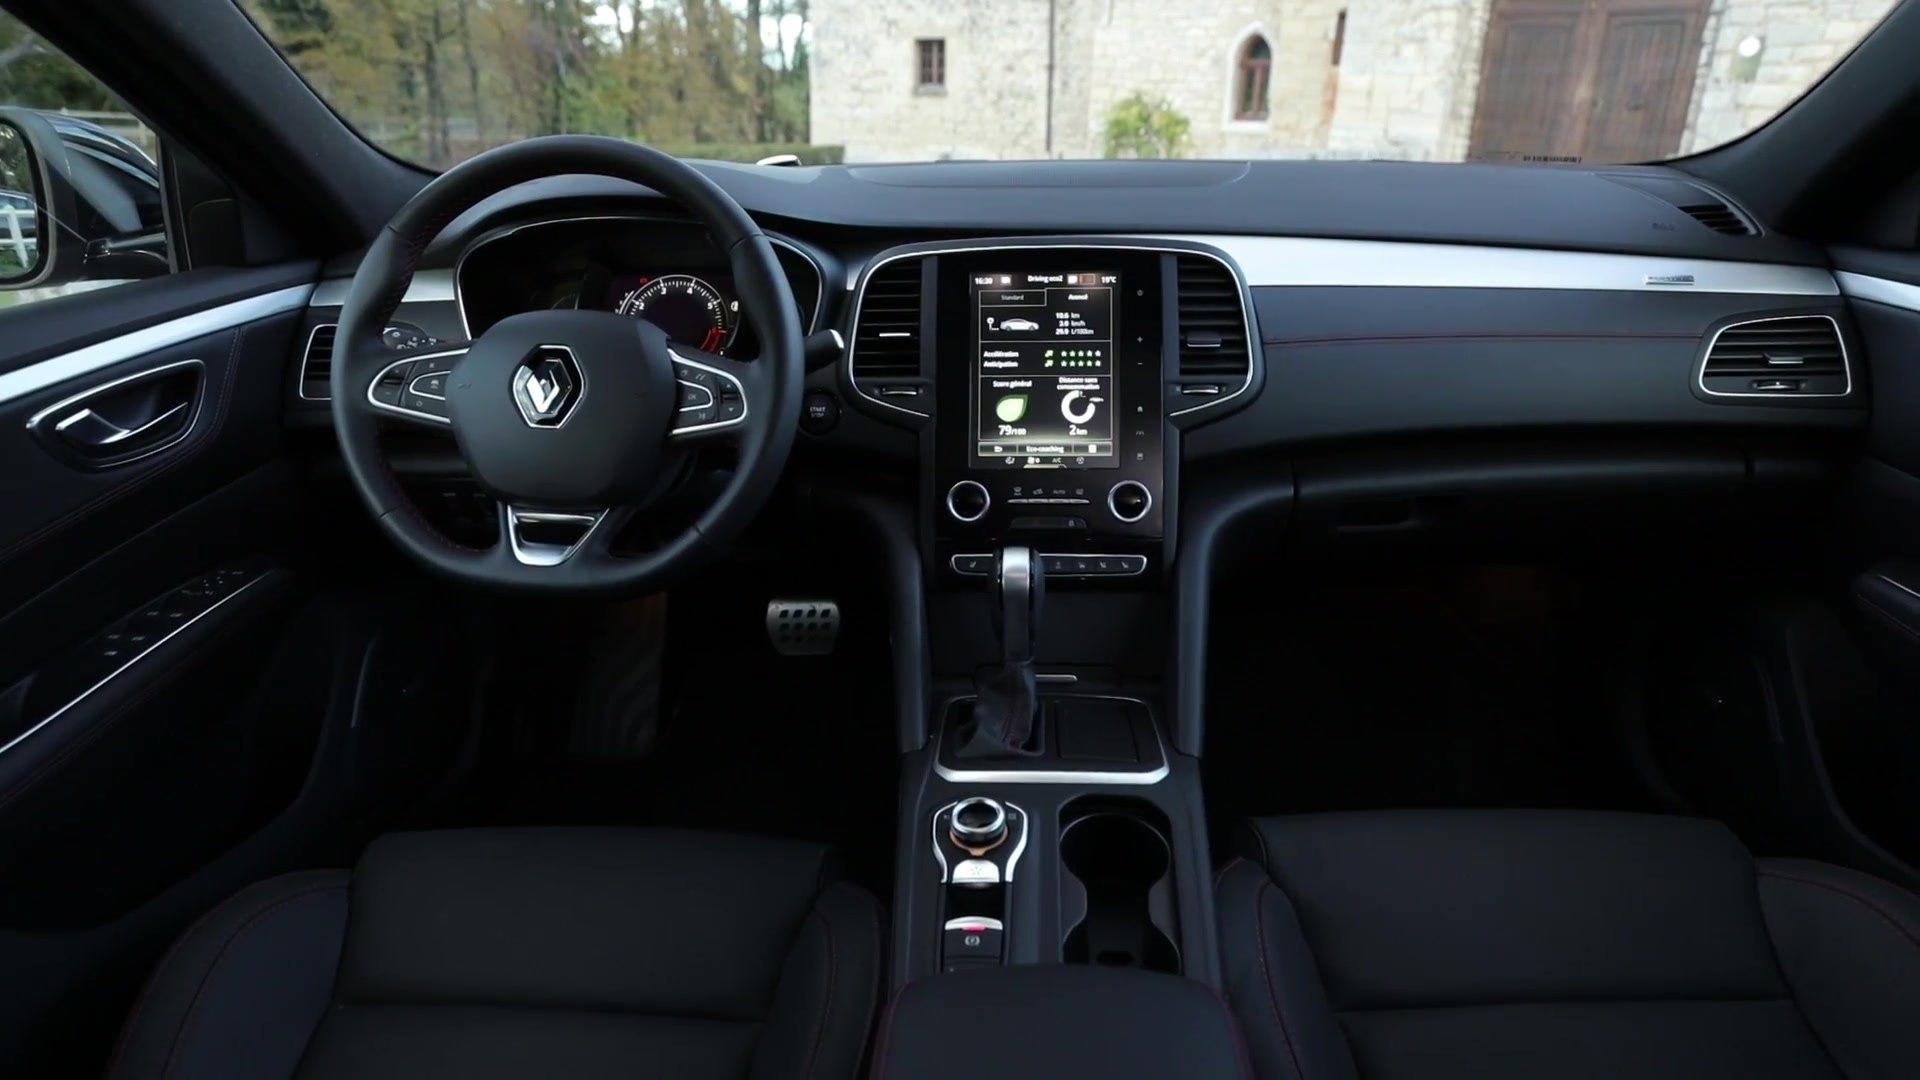 Renault LPG interieur - Agin BV